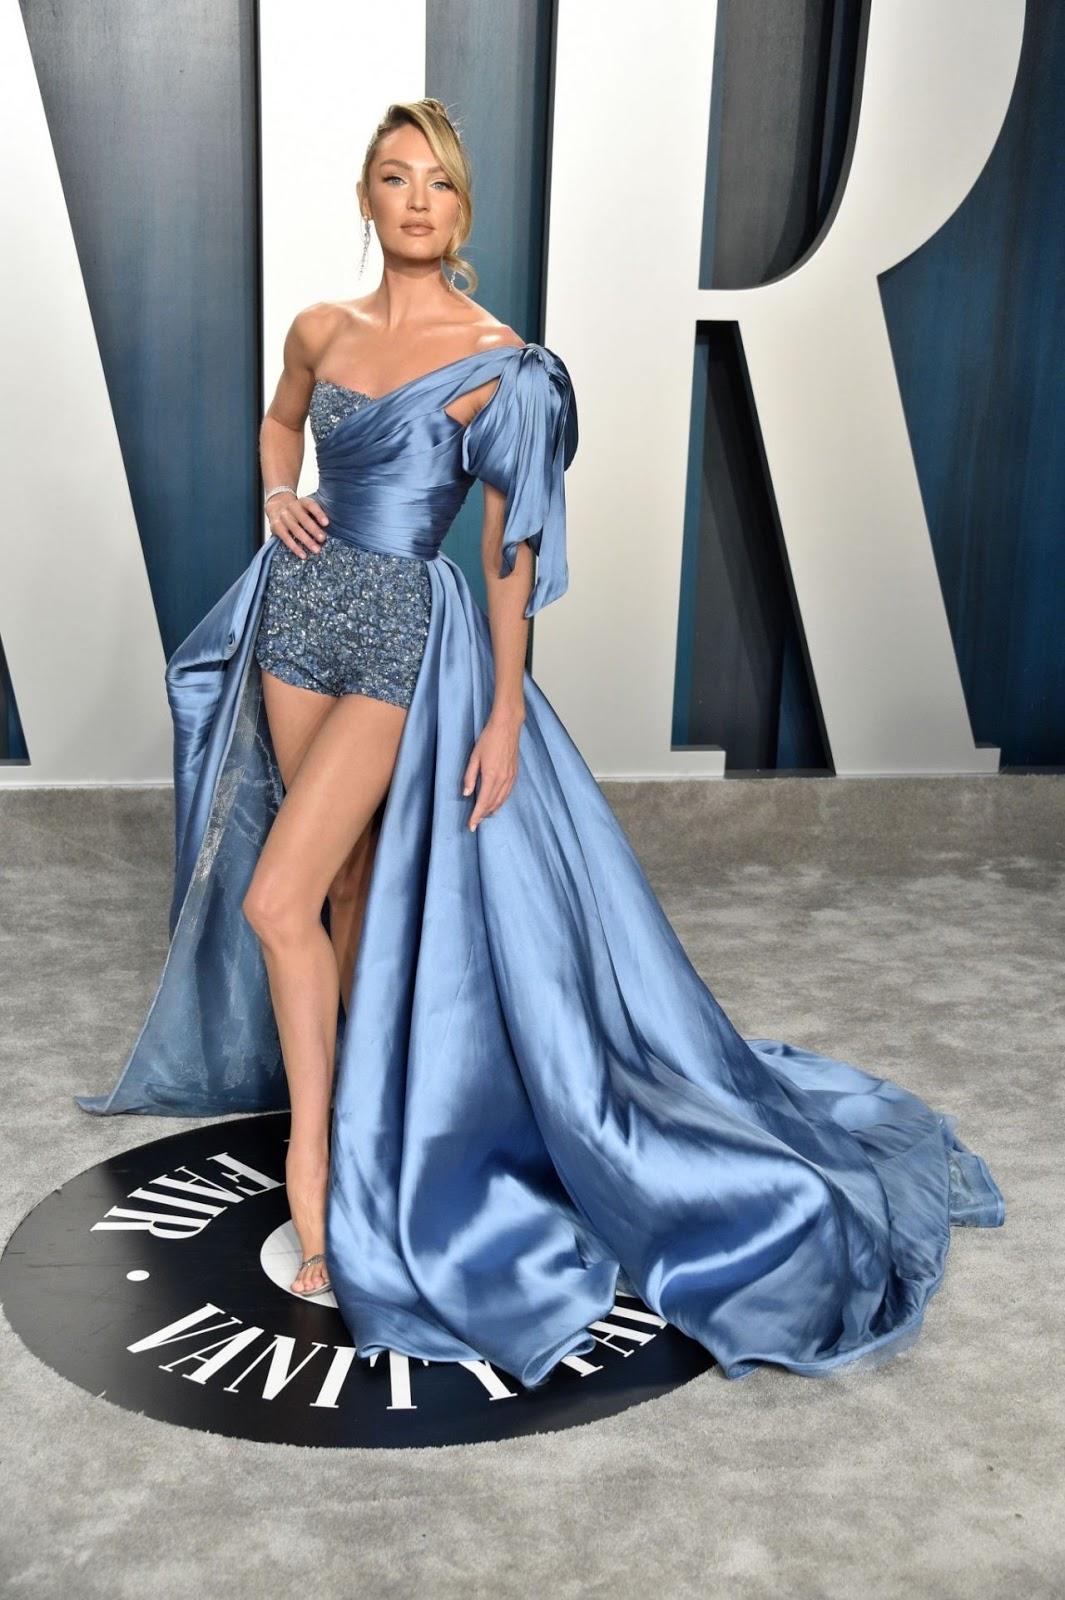 Candice Swanepoel - Vanity Fair Oscar Party in Los Angeles